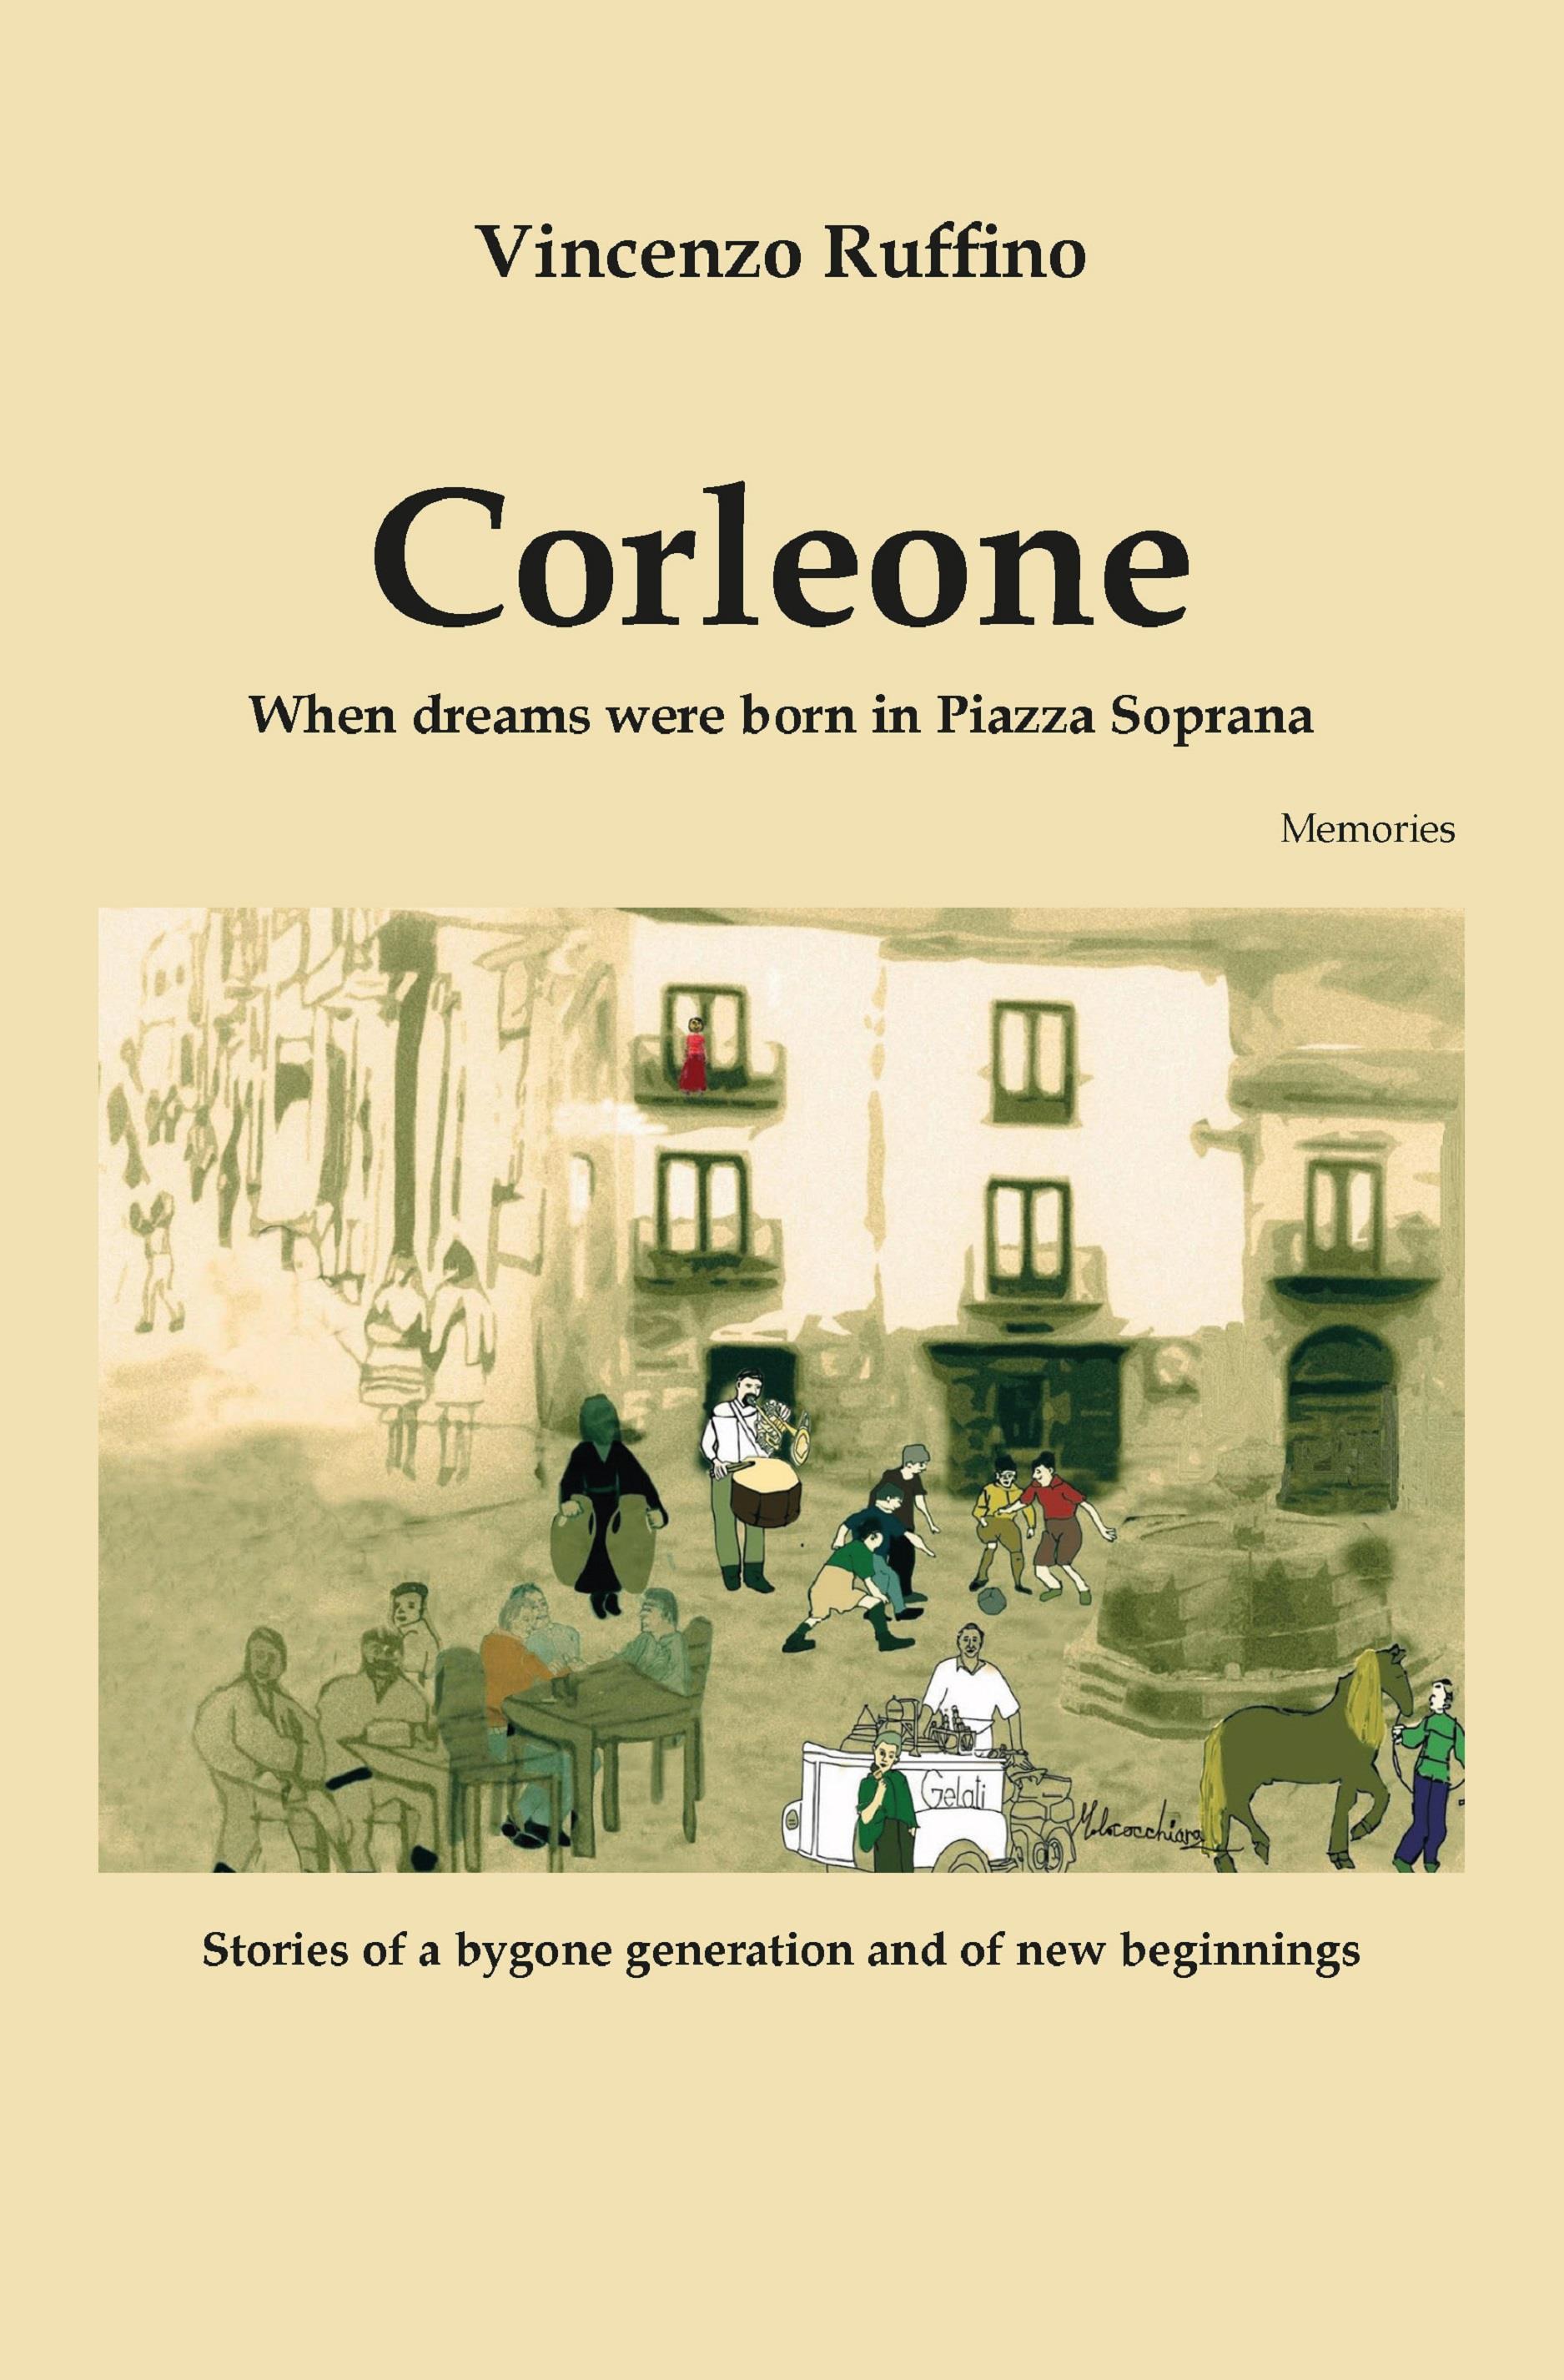 Corleone. When dreams were born in Piazza Soprana